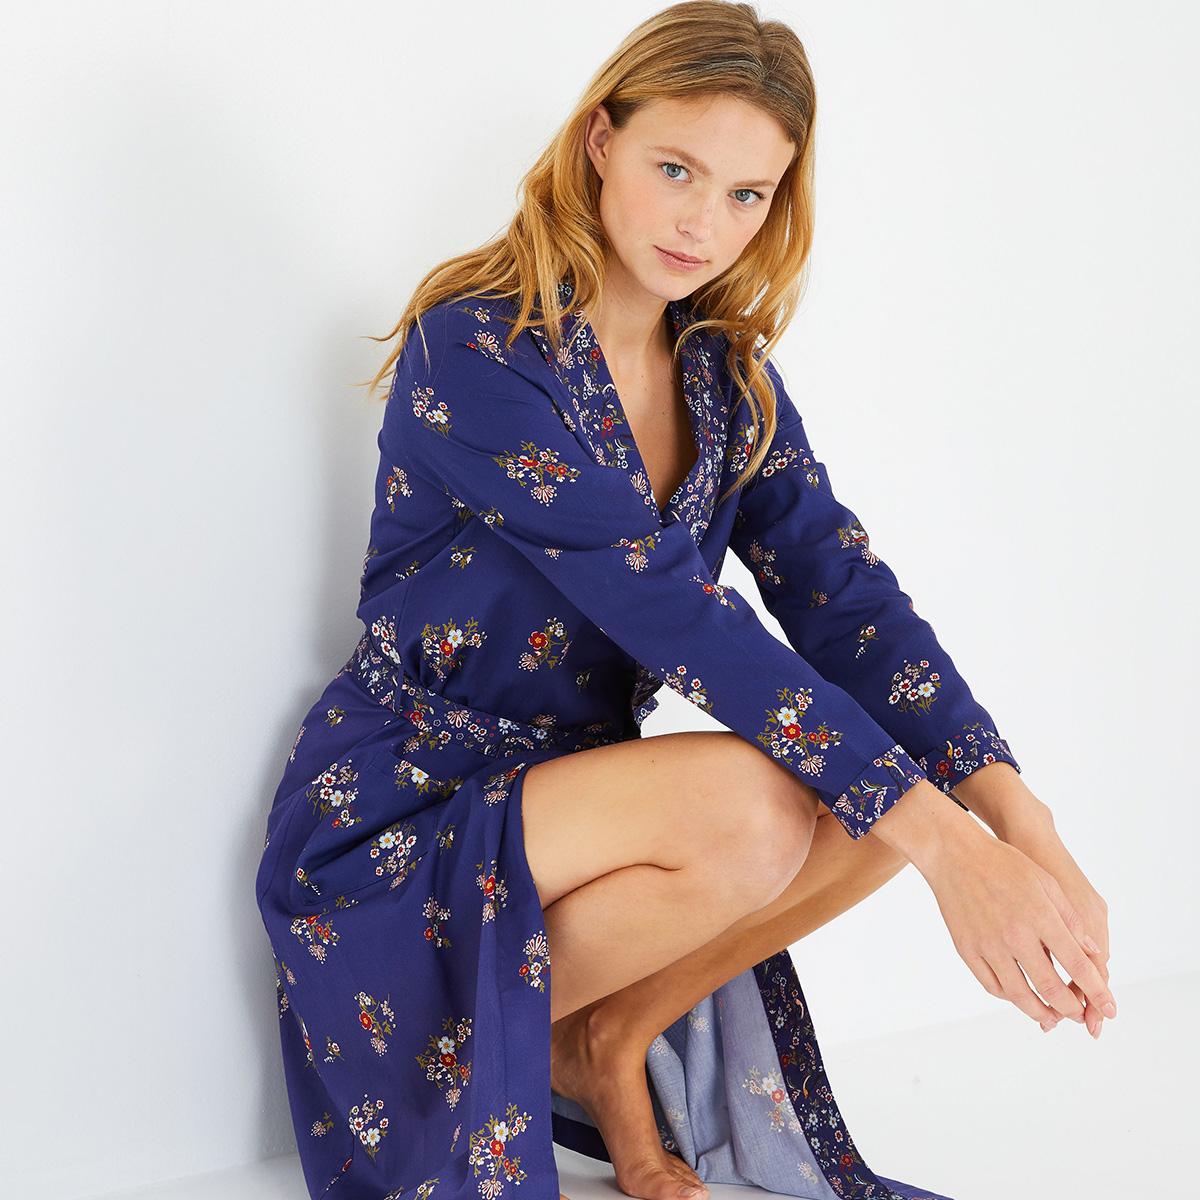 Nightwear & Loungewear